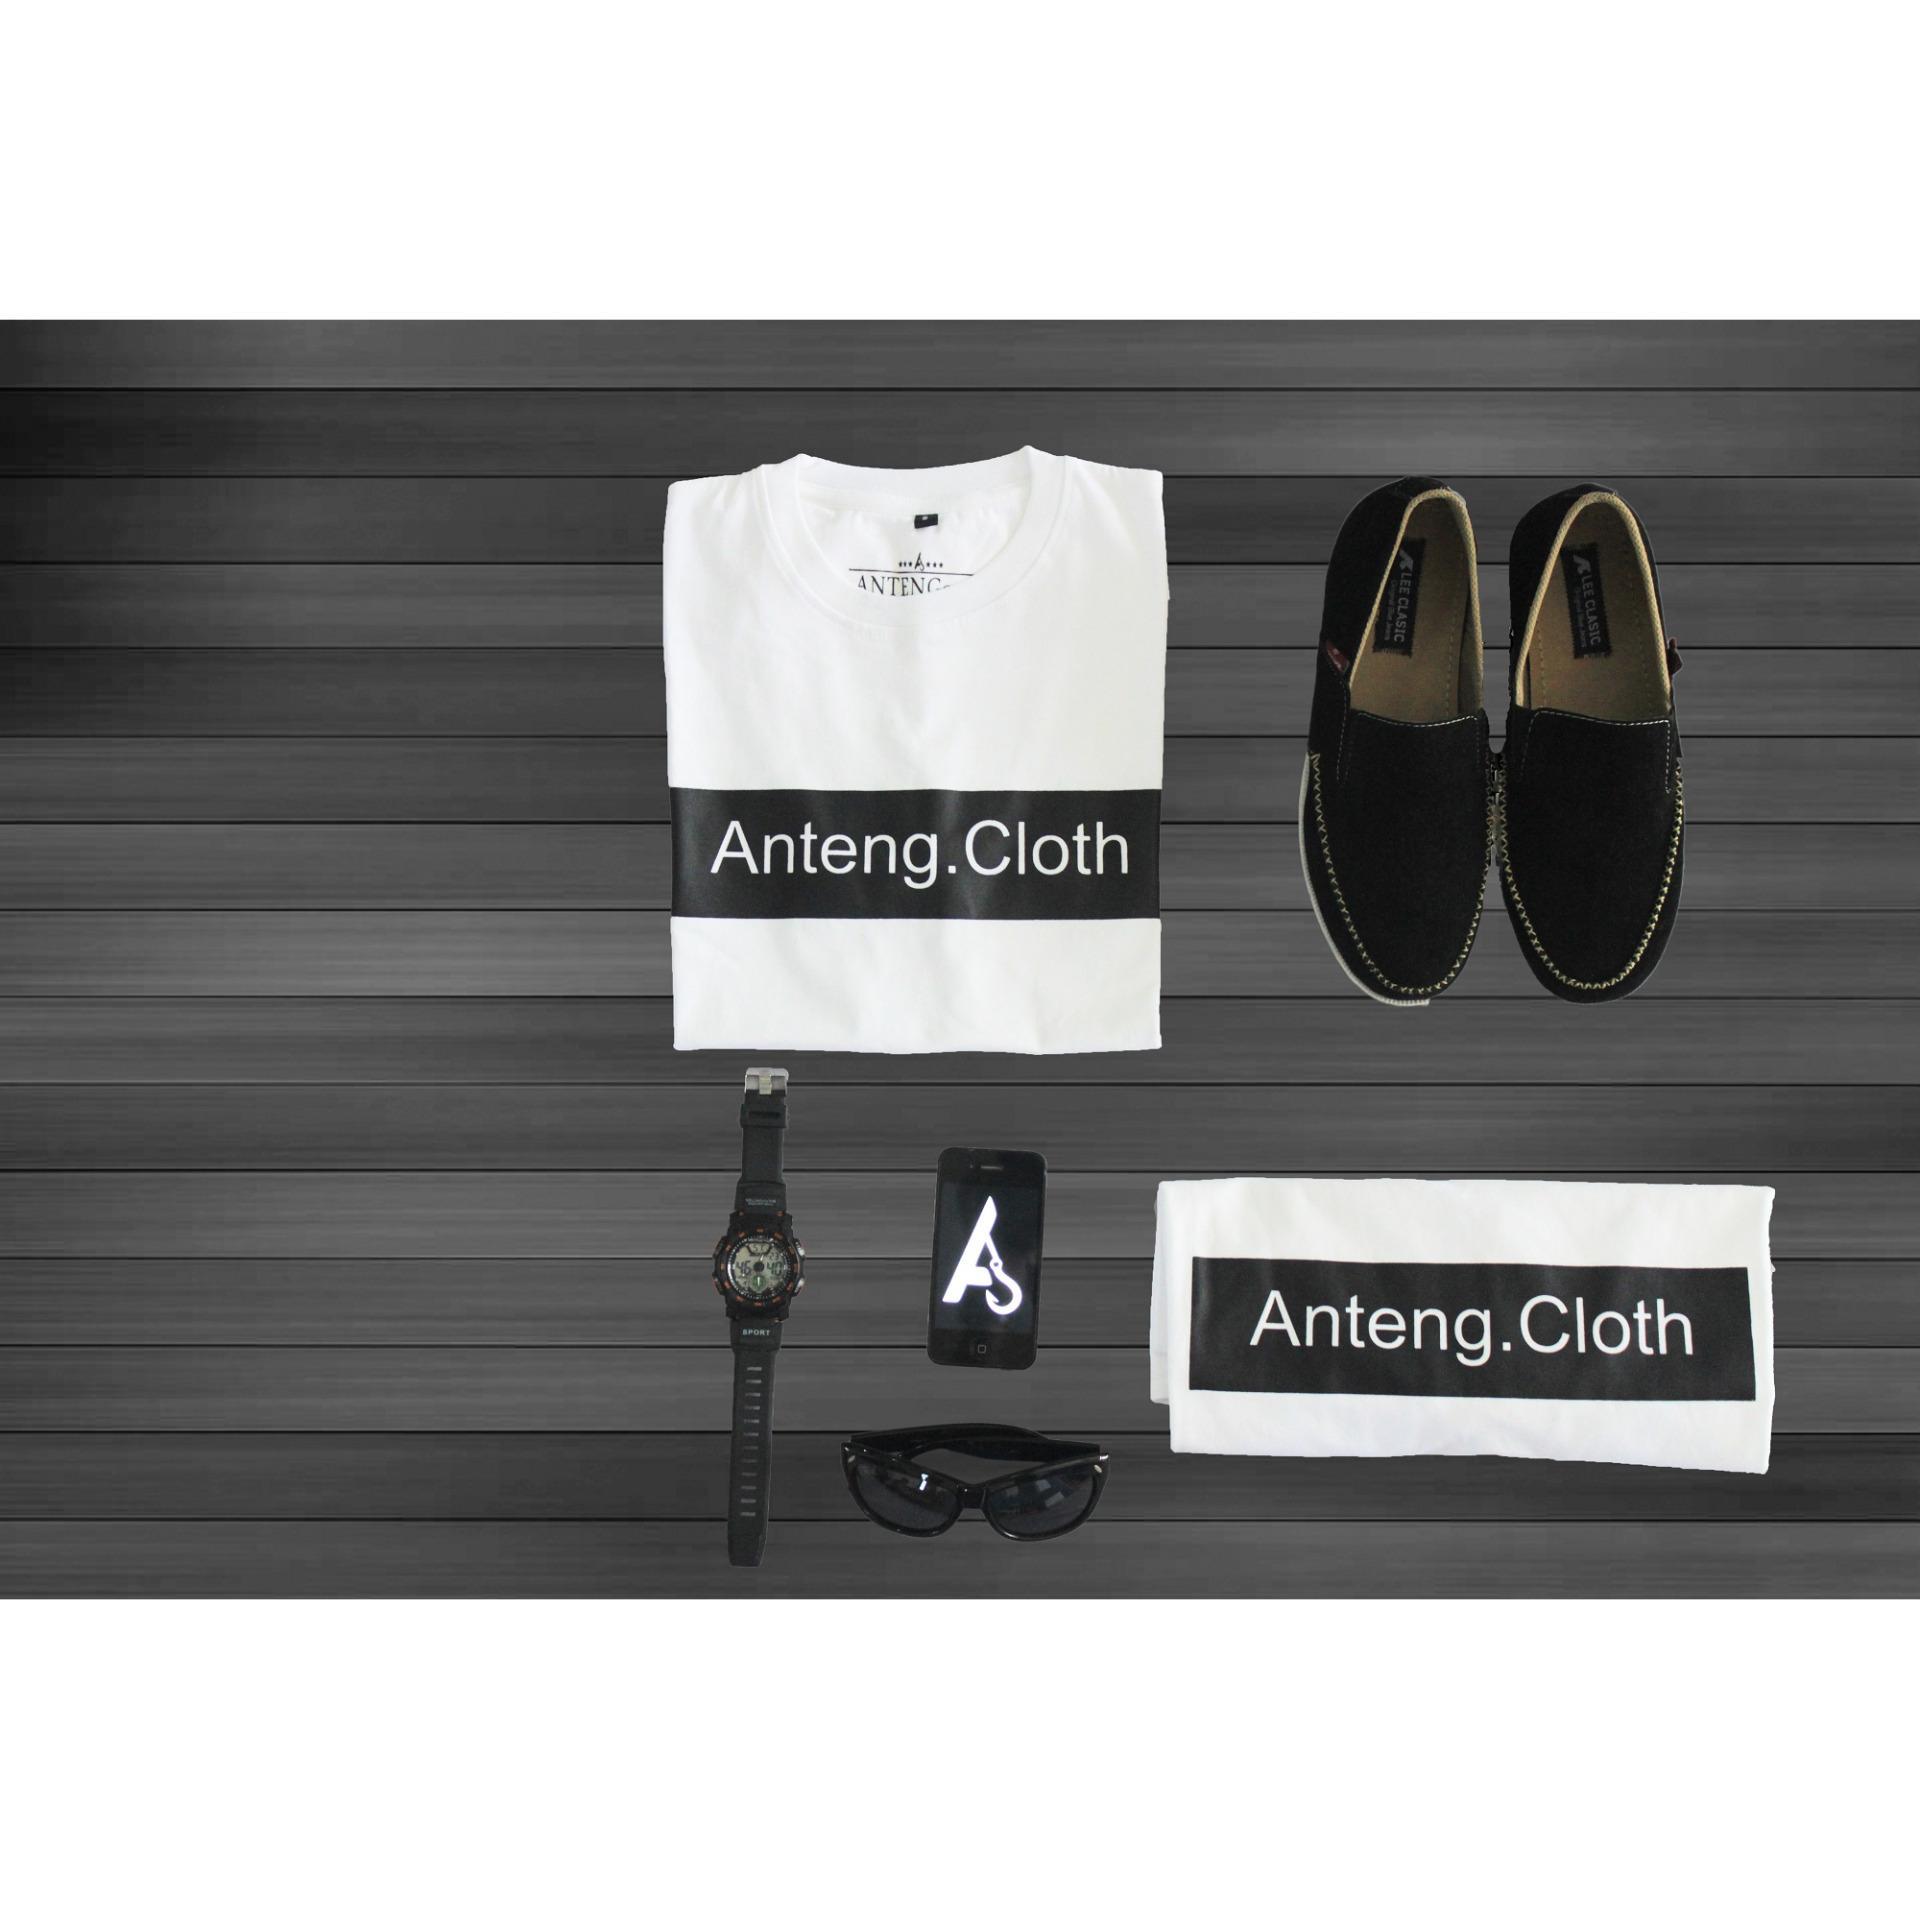 Antengcloth/T Shirt Shortsleeve Pria&Wanita/Kaos Lengan Pendek Cotton .